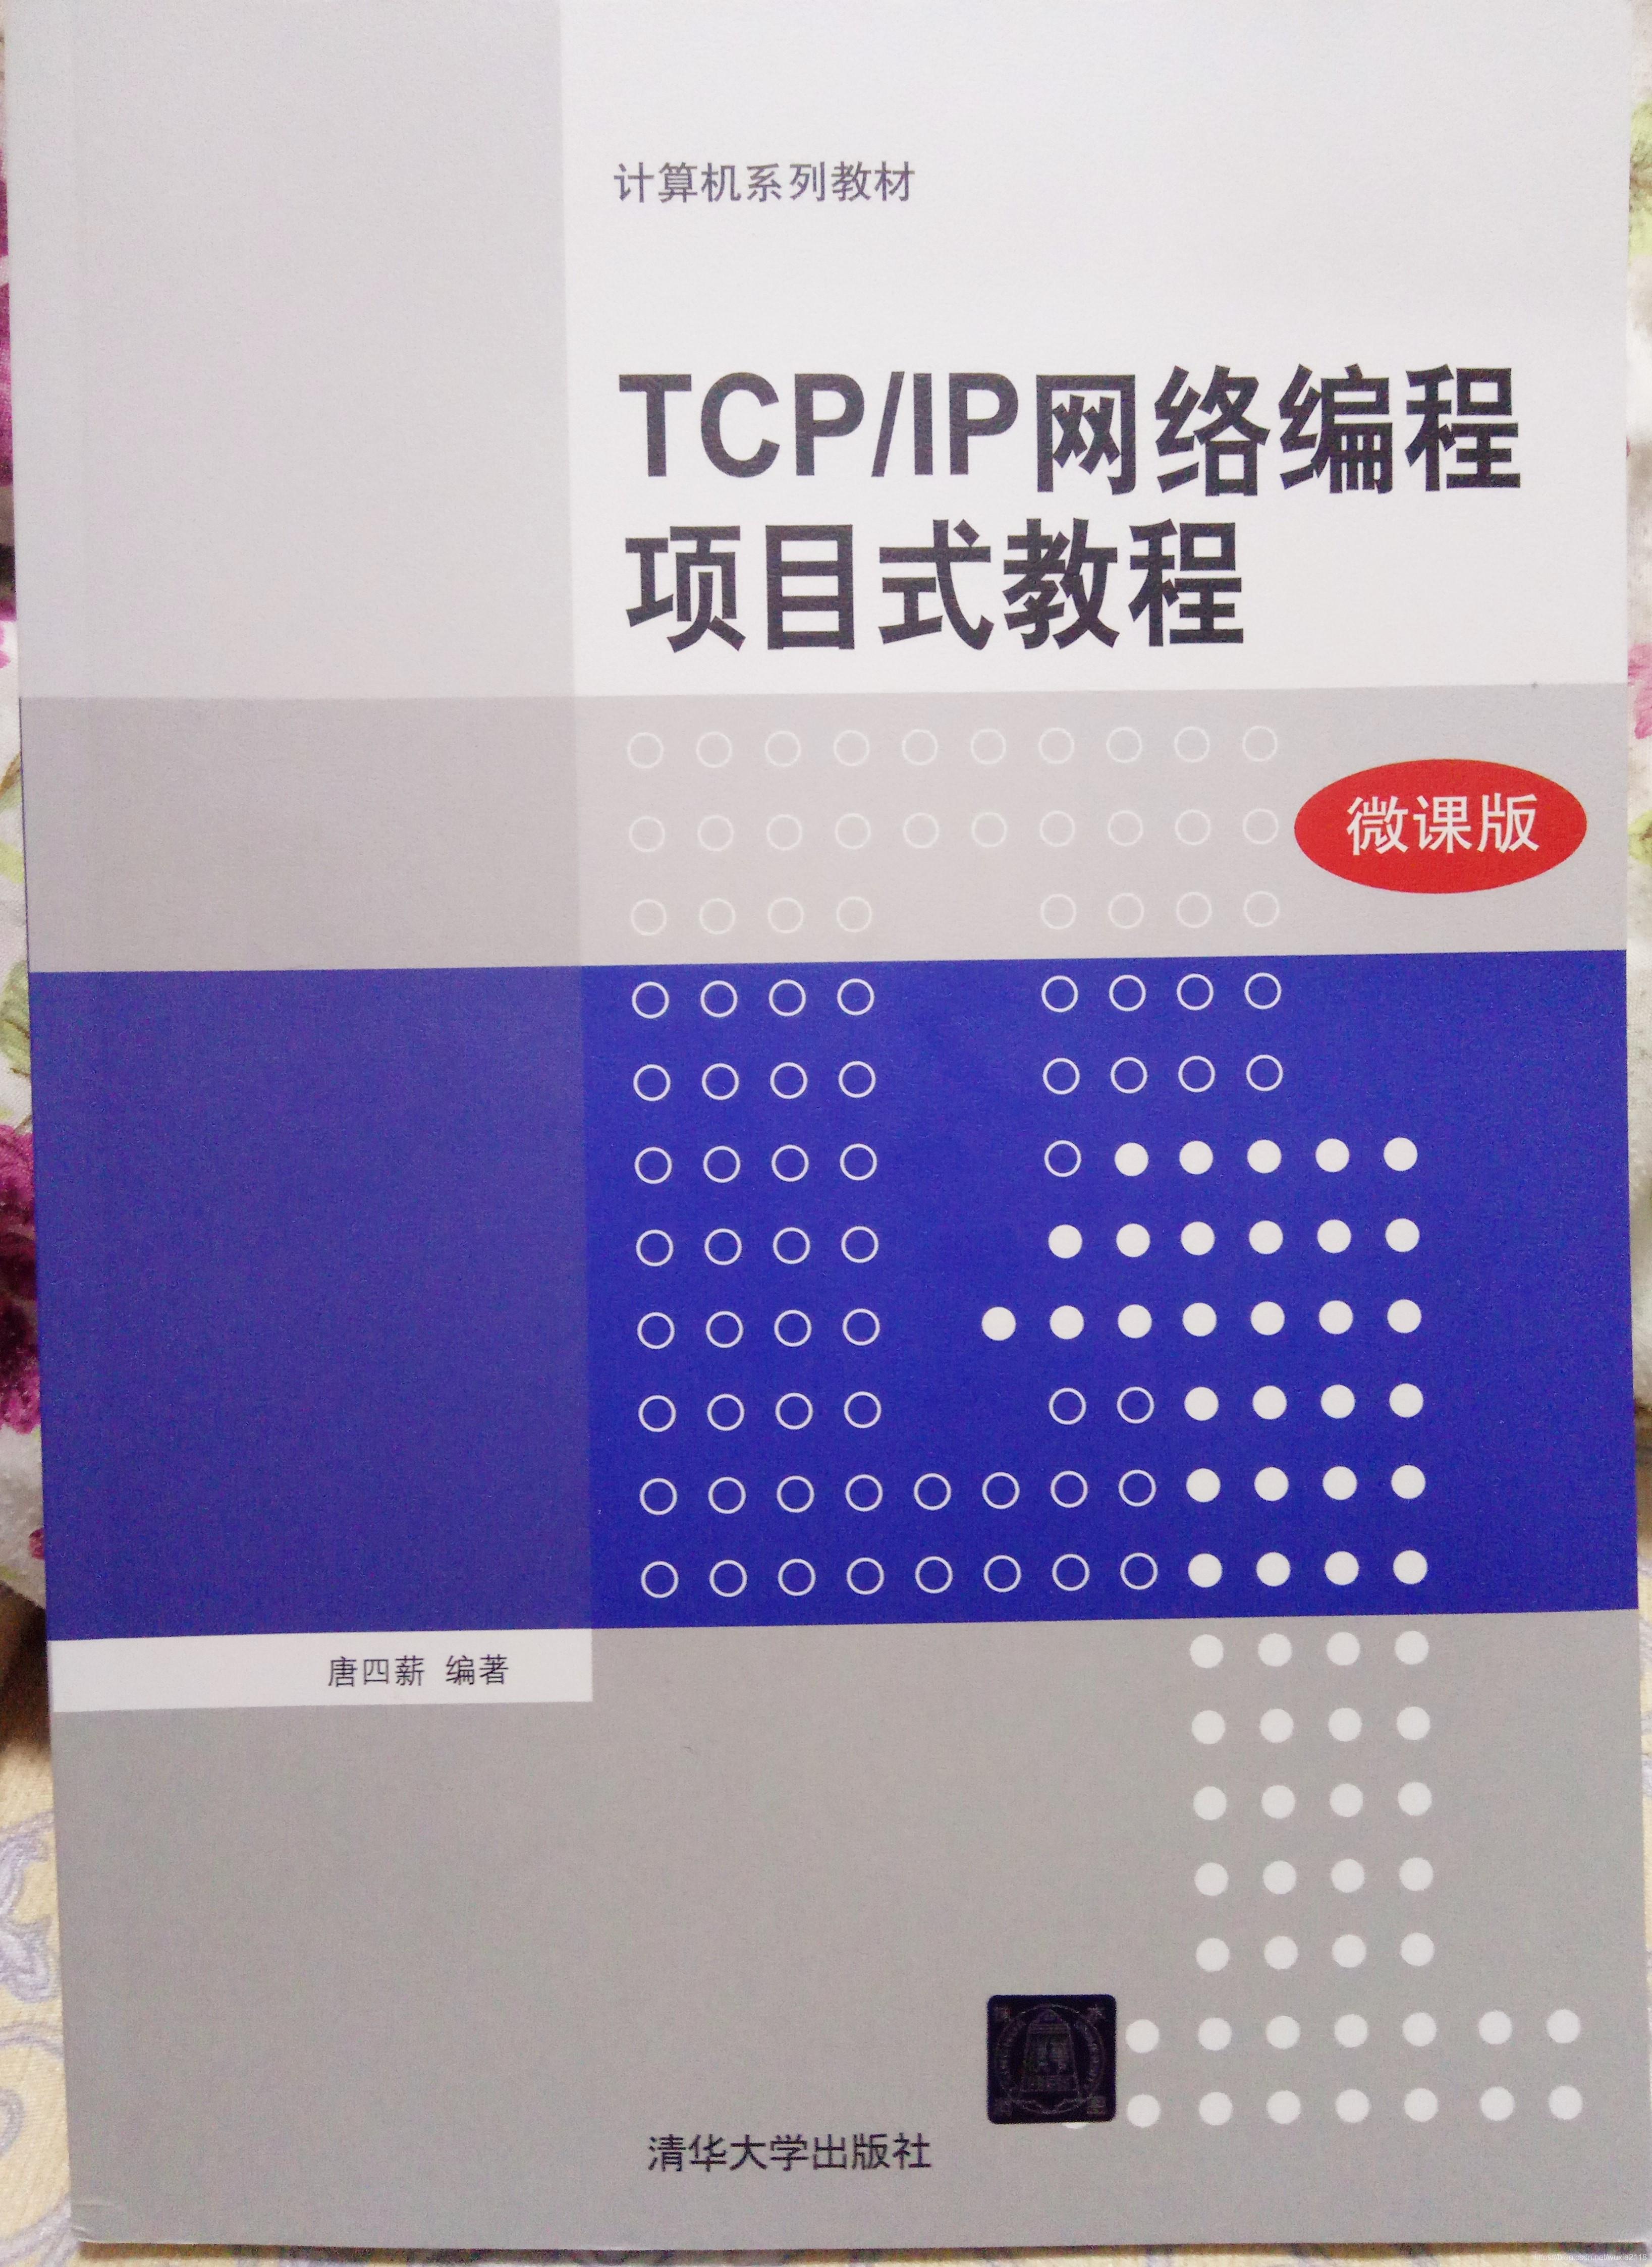 TCP/IP网络编程项目式教程